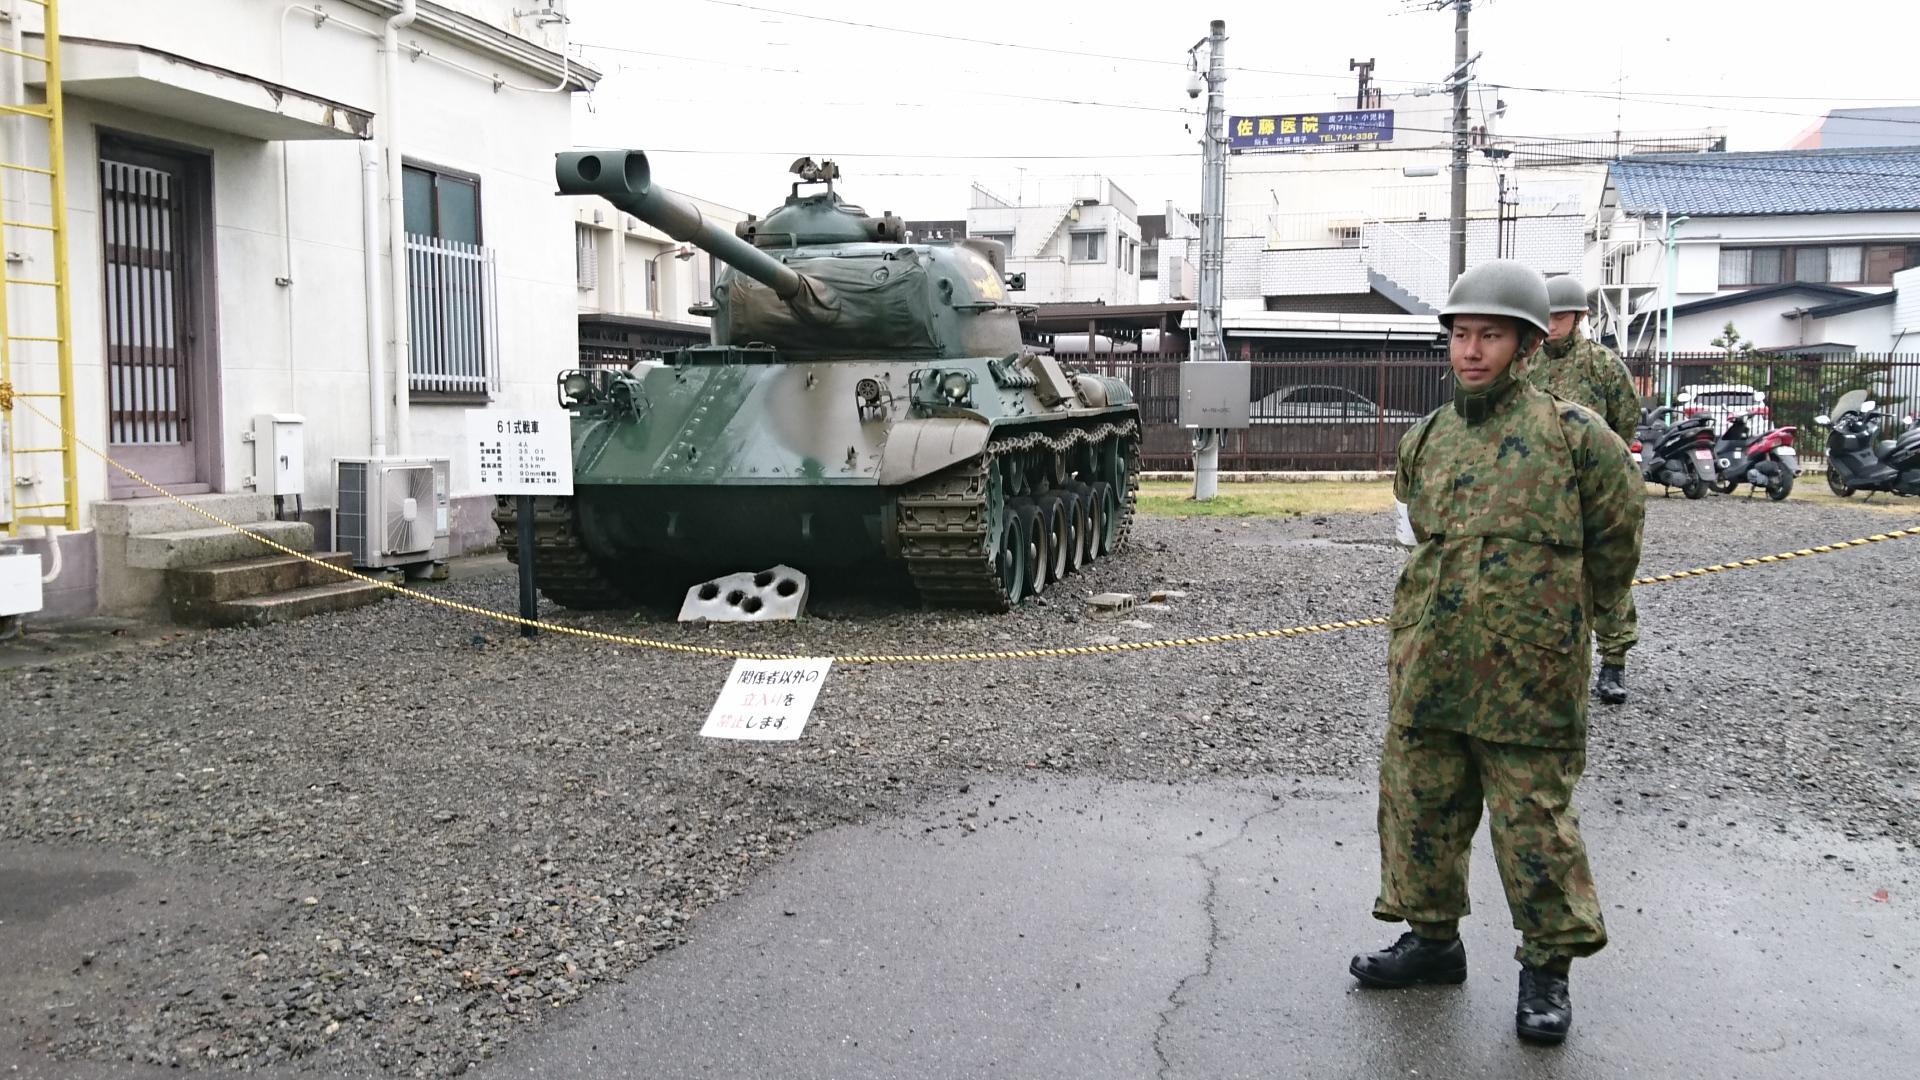 2017.10.28 守山駐屯地 (2) 64式戦車 1920-1080